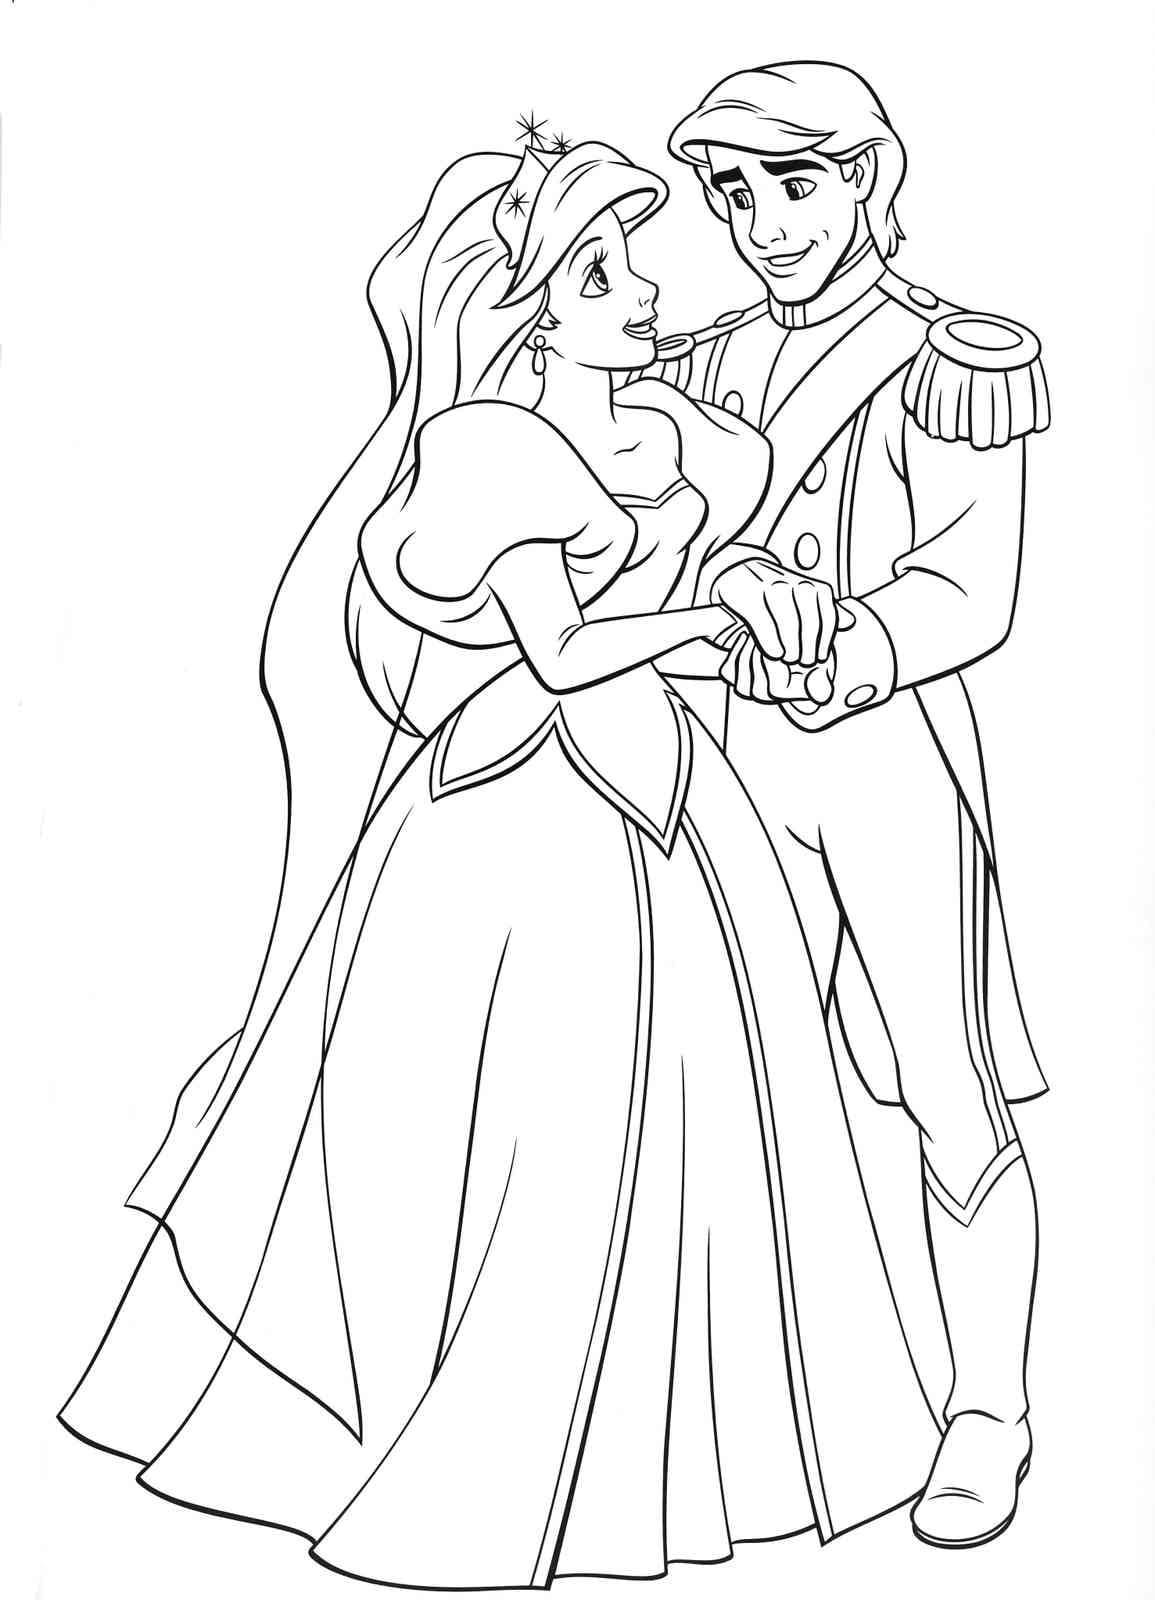 Раскраски Принцессы. Распечатайте бесплатно